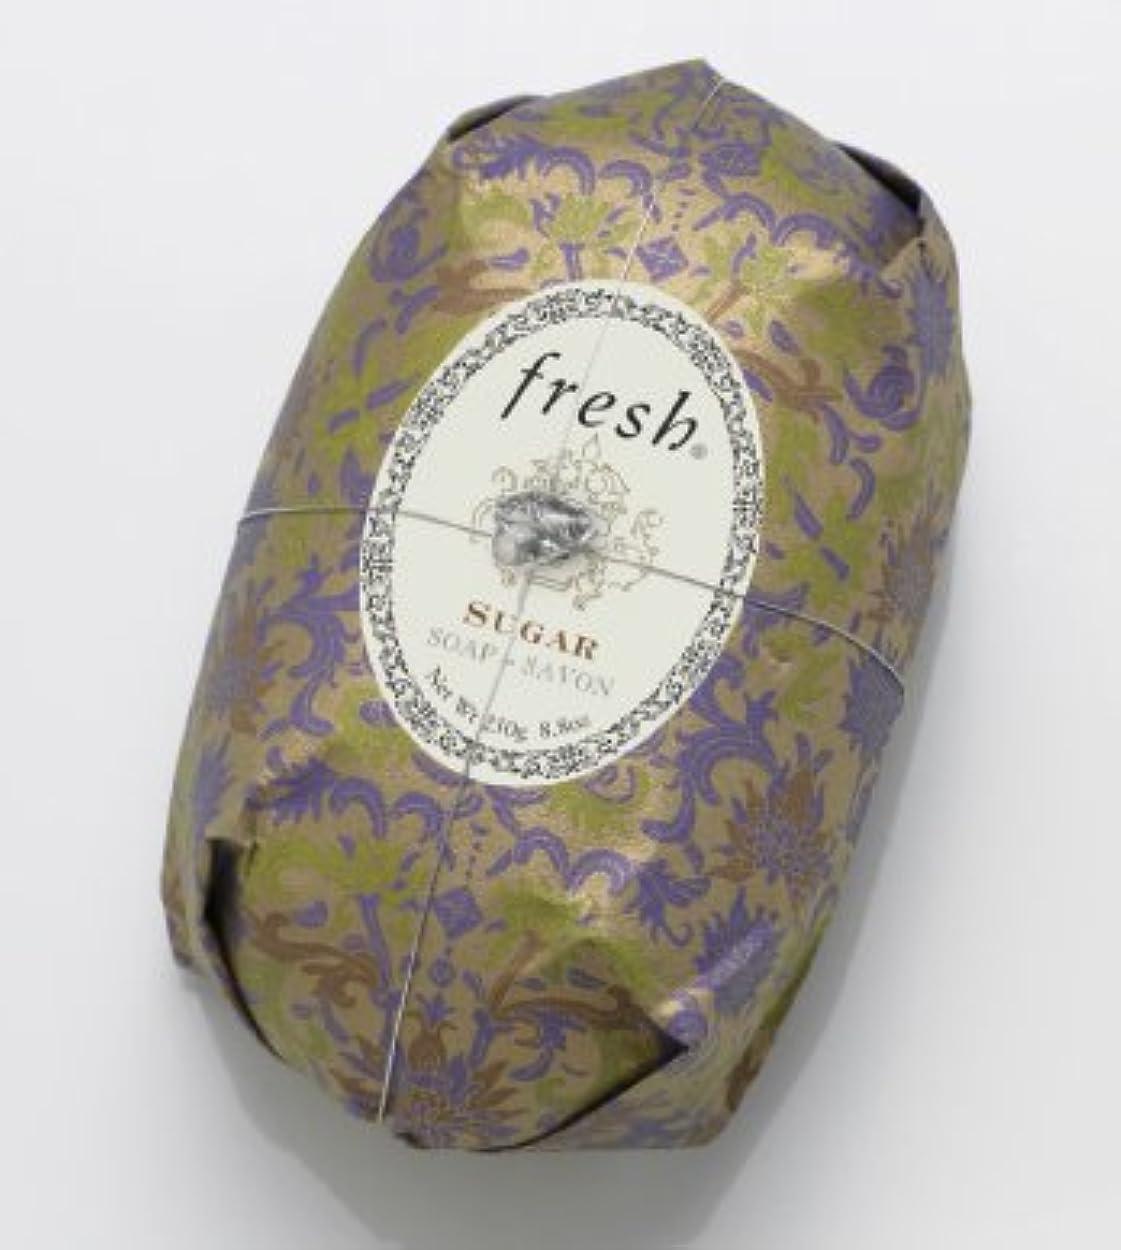 クラブ糸軍隊Fresh SUGAR SOAP (フレッシュ シュガー ソープ) 8.8 oz (250g) Soap (石鹸) by Fresh